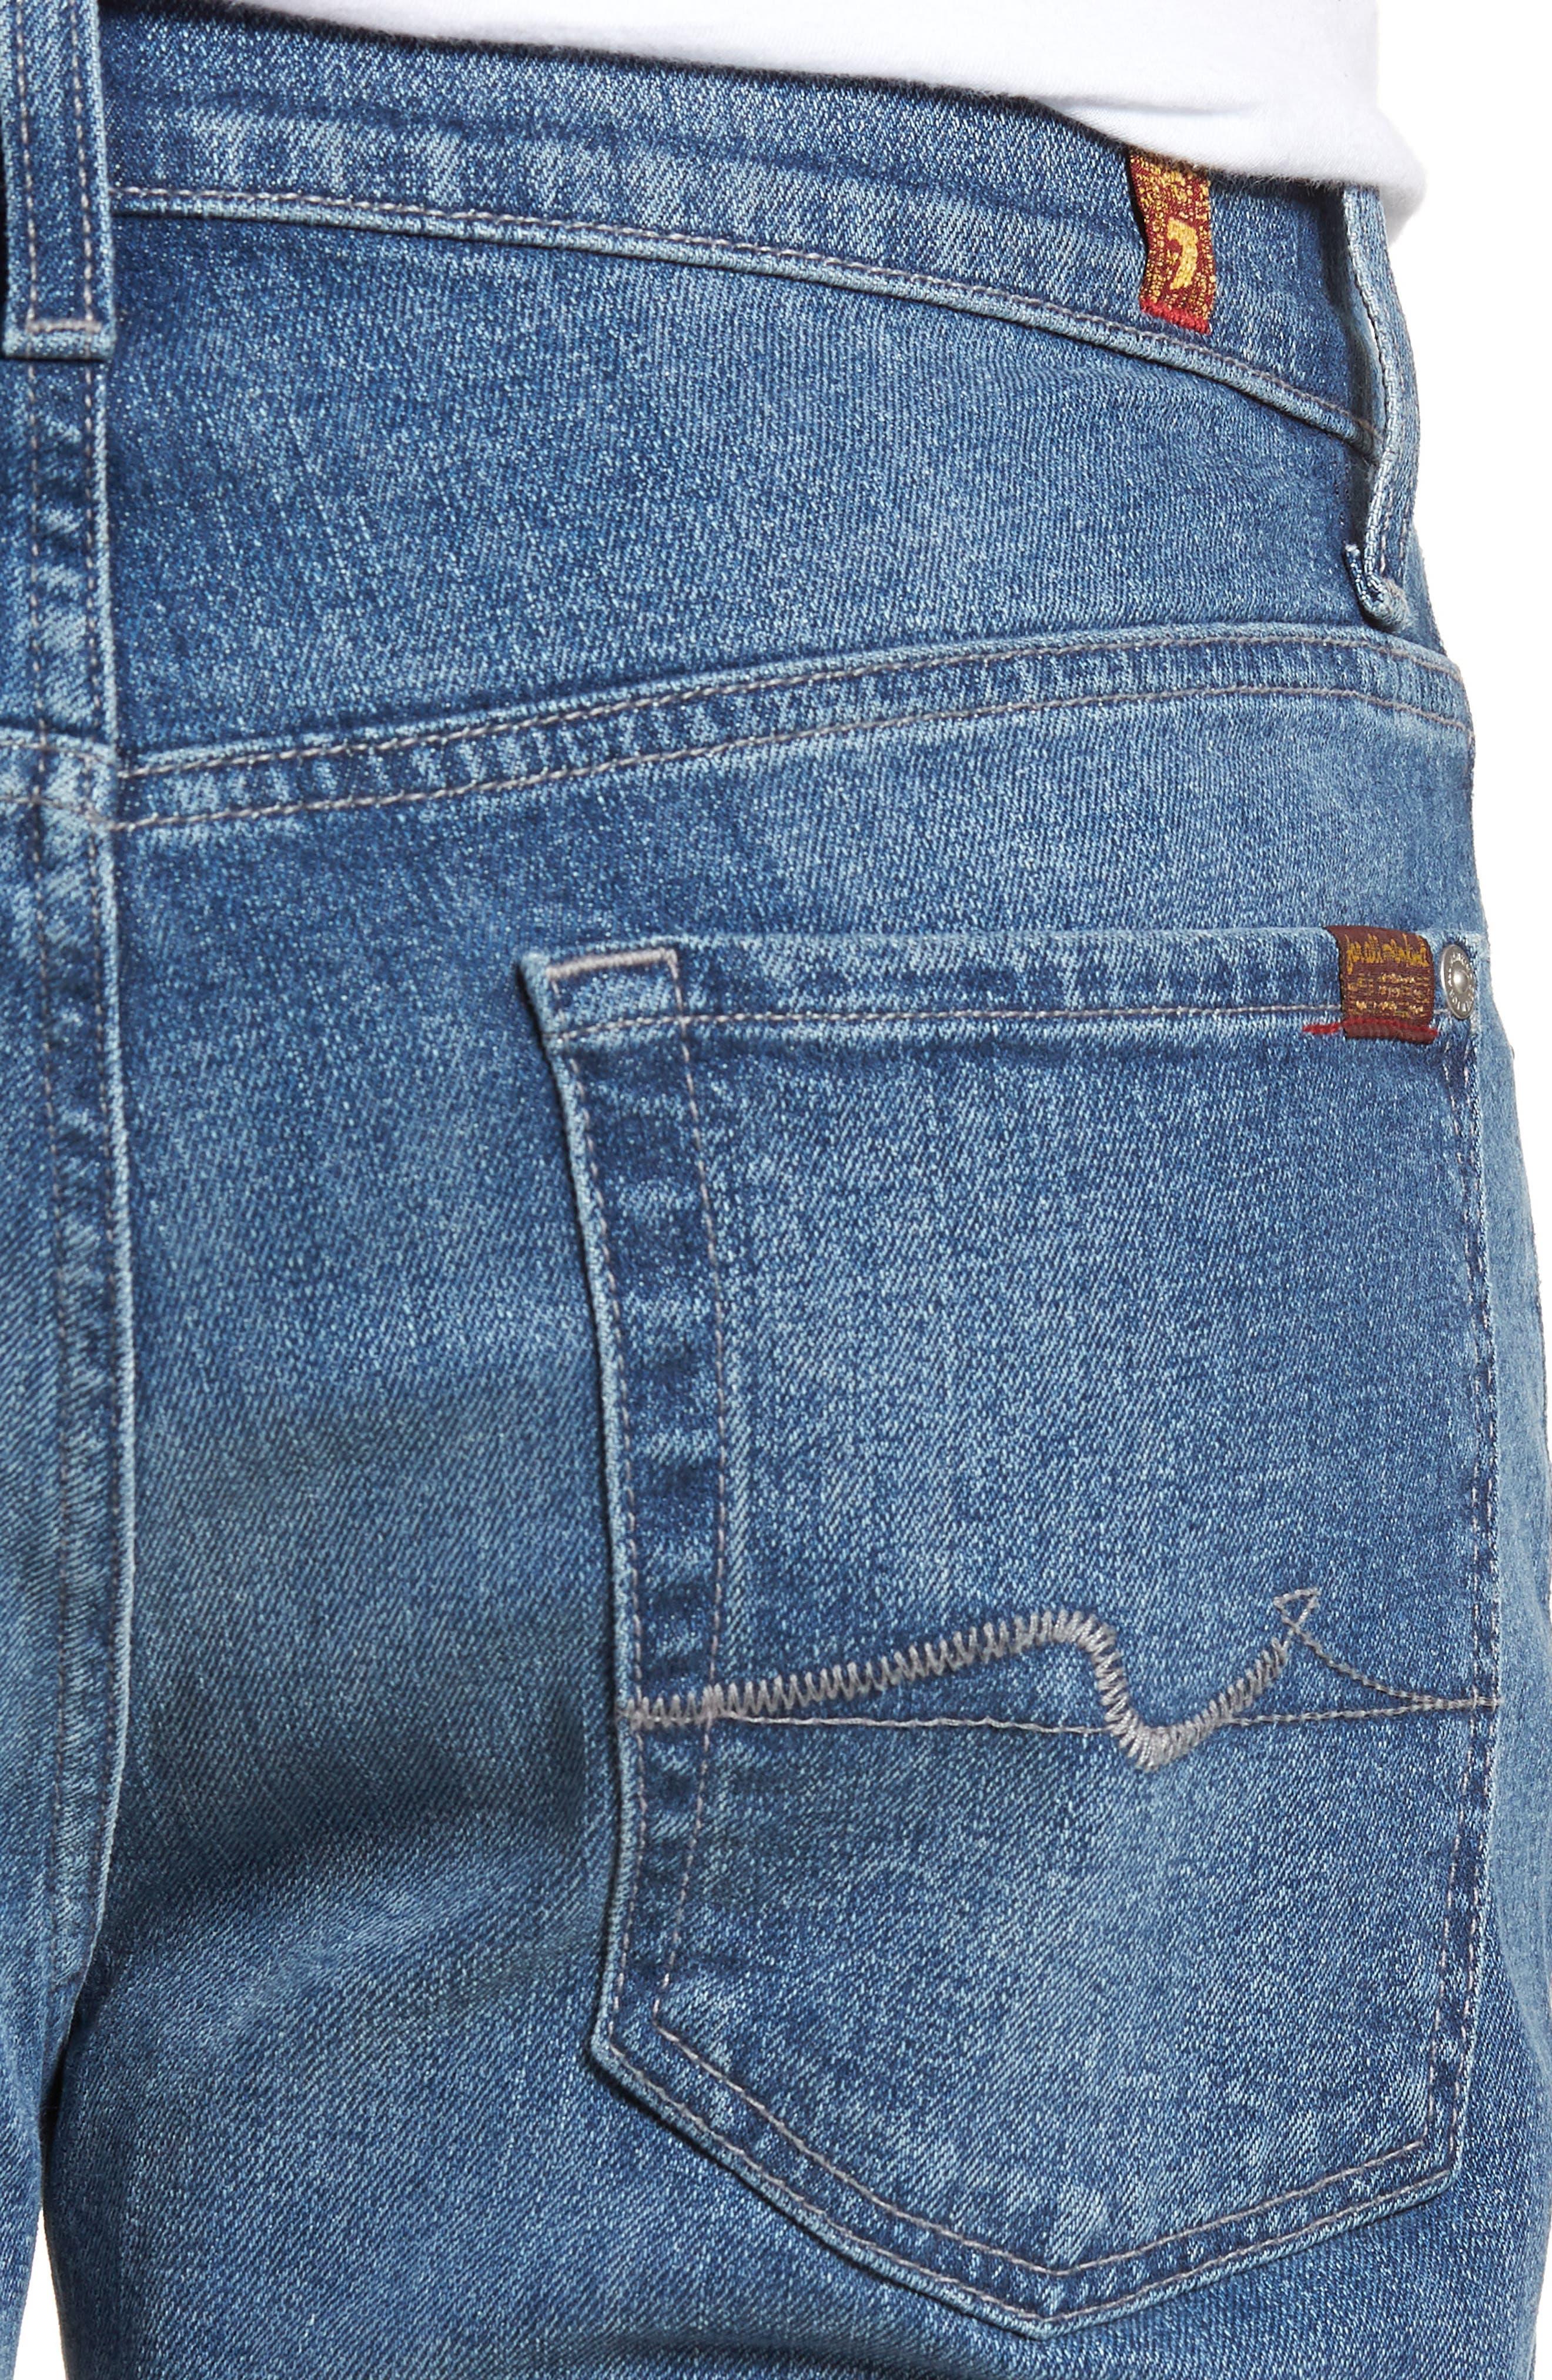 Standard Straight Leg Jeans,                             Alternate thumbnail 4, color,